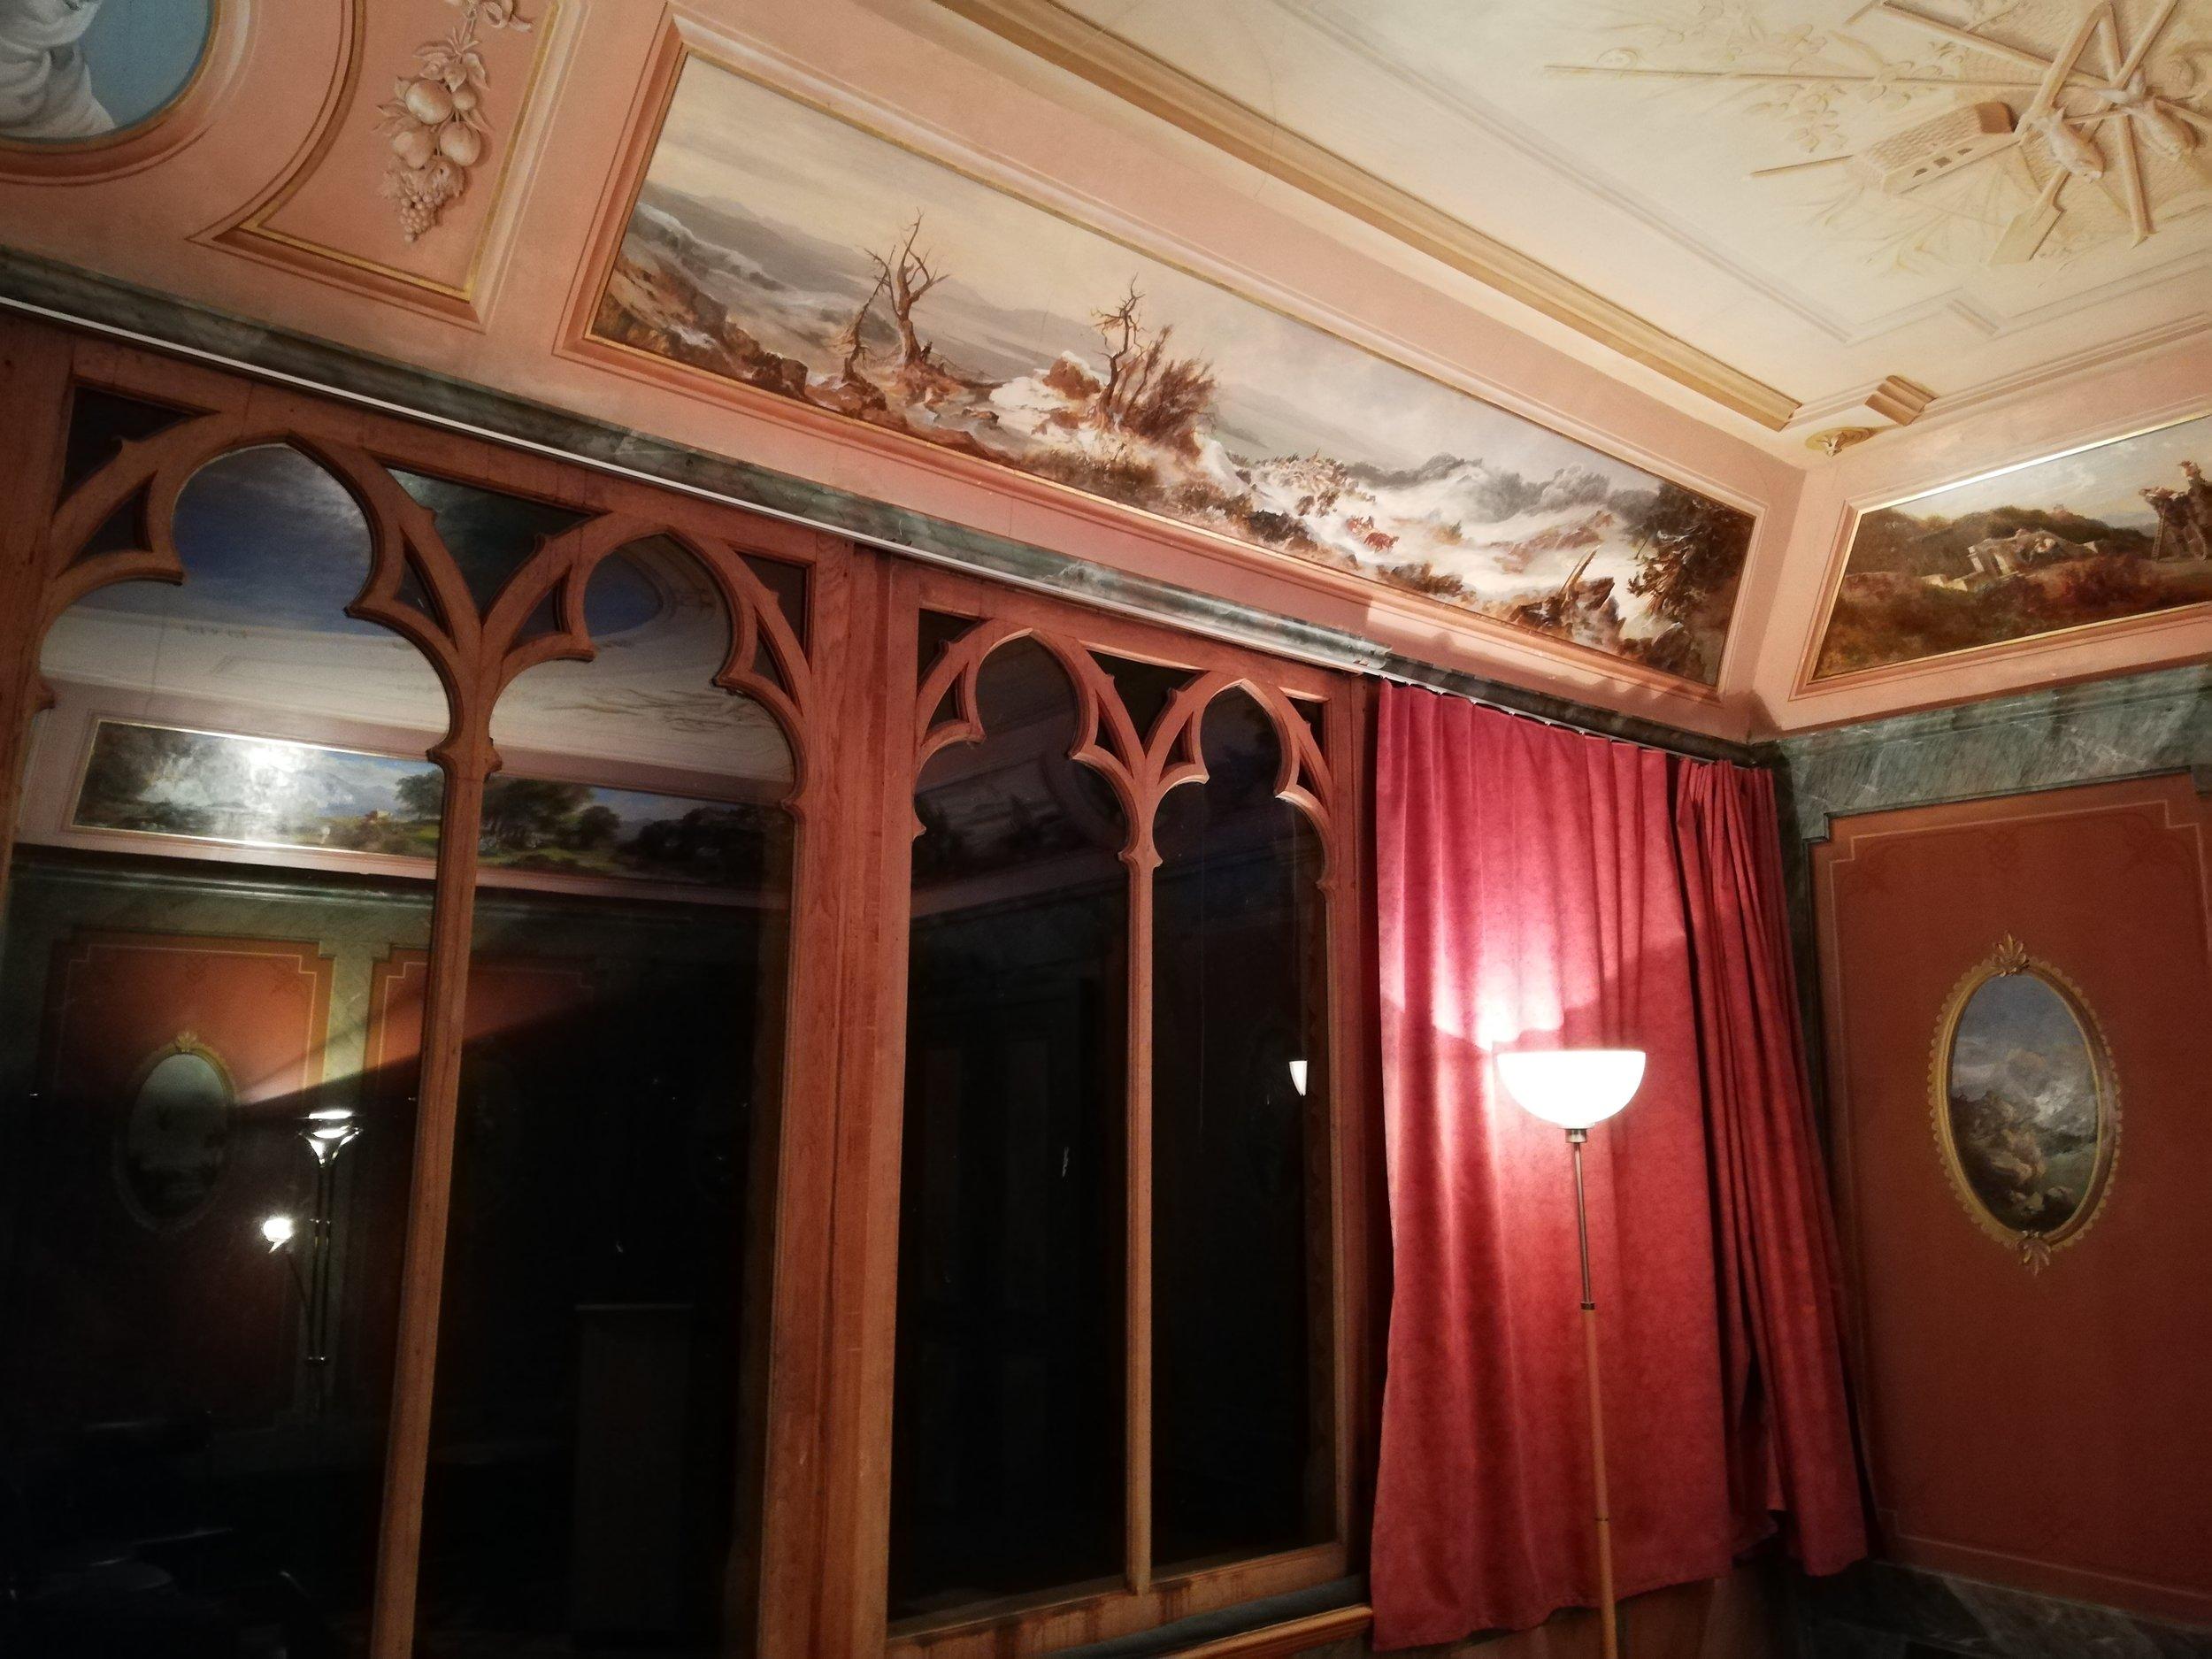 Vue des fenêtres largement ouvertes sur le lac, avec découpe néo-gothique trilobée. Immédiatement, le visiteur inondé de lumière ne peut que ressentir le charme de cette galerie bernoise conçue par l'architecte Rychner